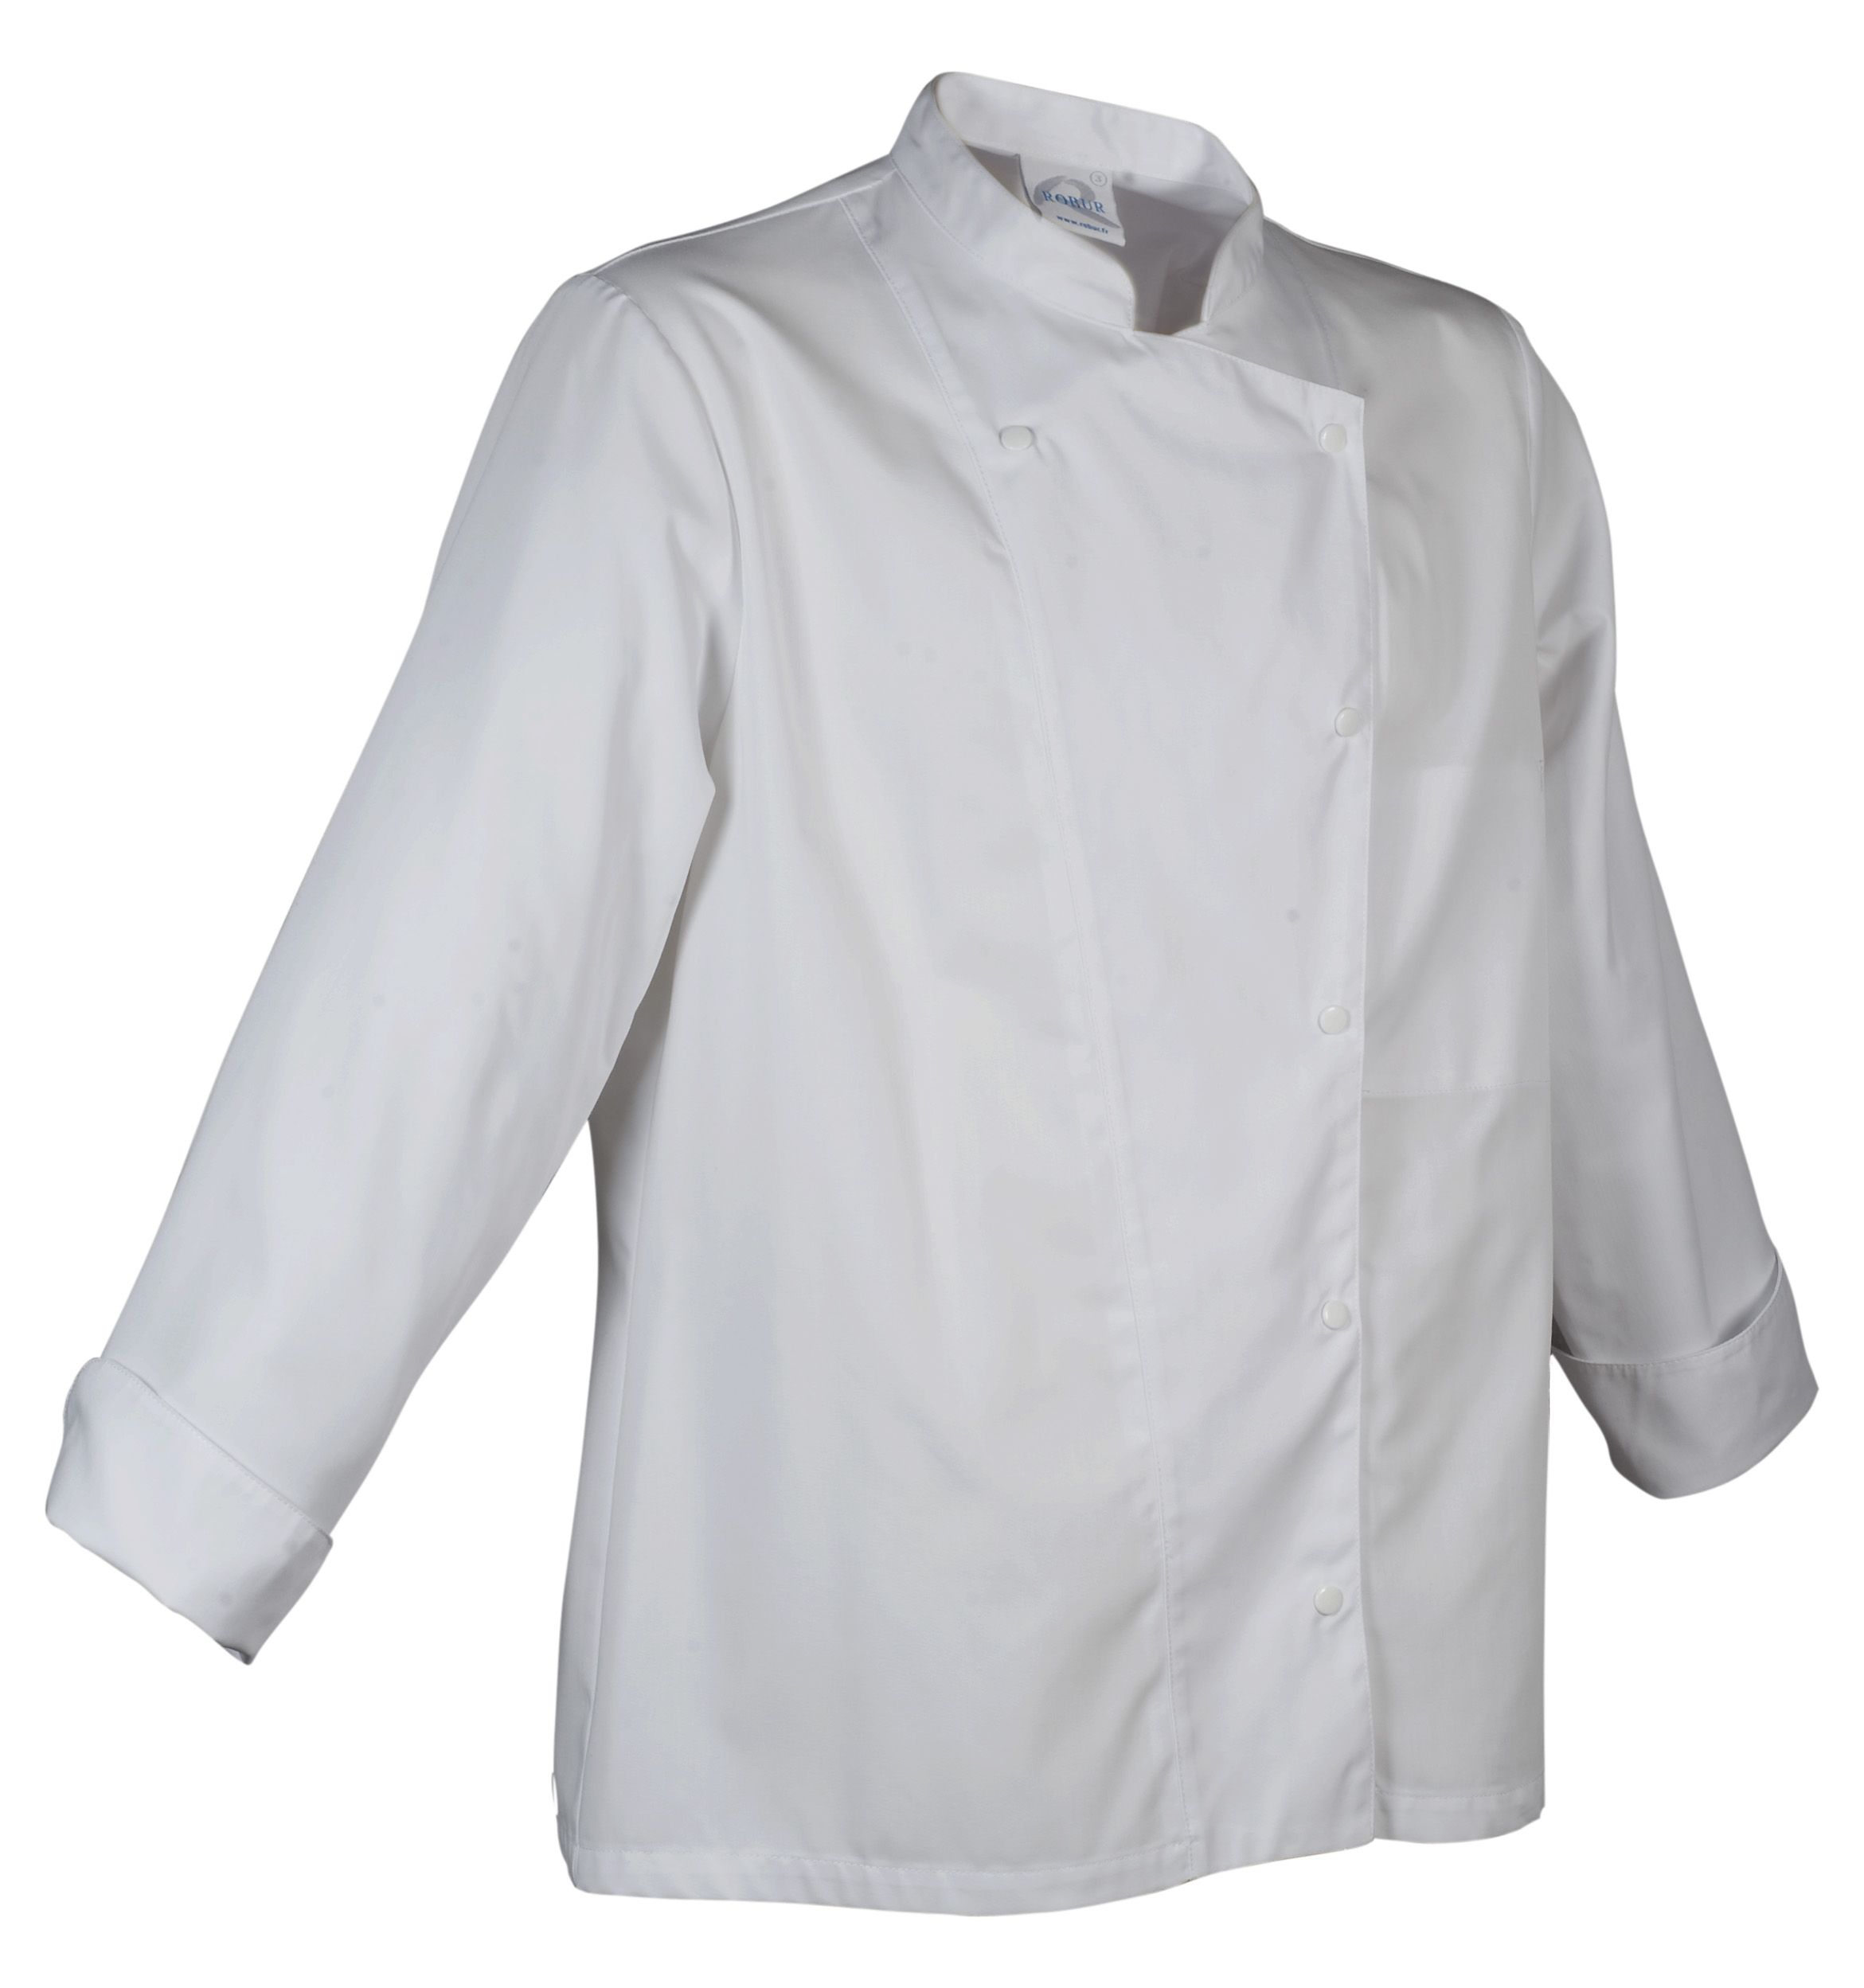 Veste de cuisine 00100bl v tements de cuisine v tements de cuisine professionnel - Vetements de cuisine professionnel ...